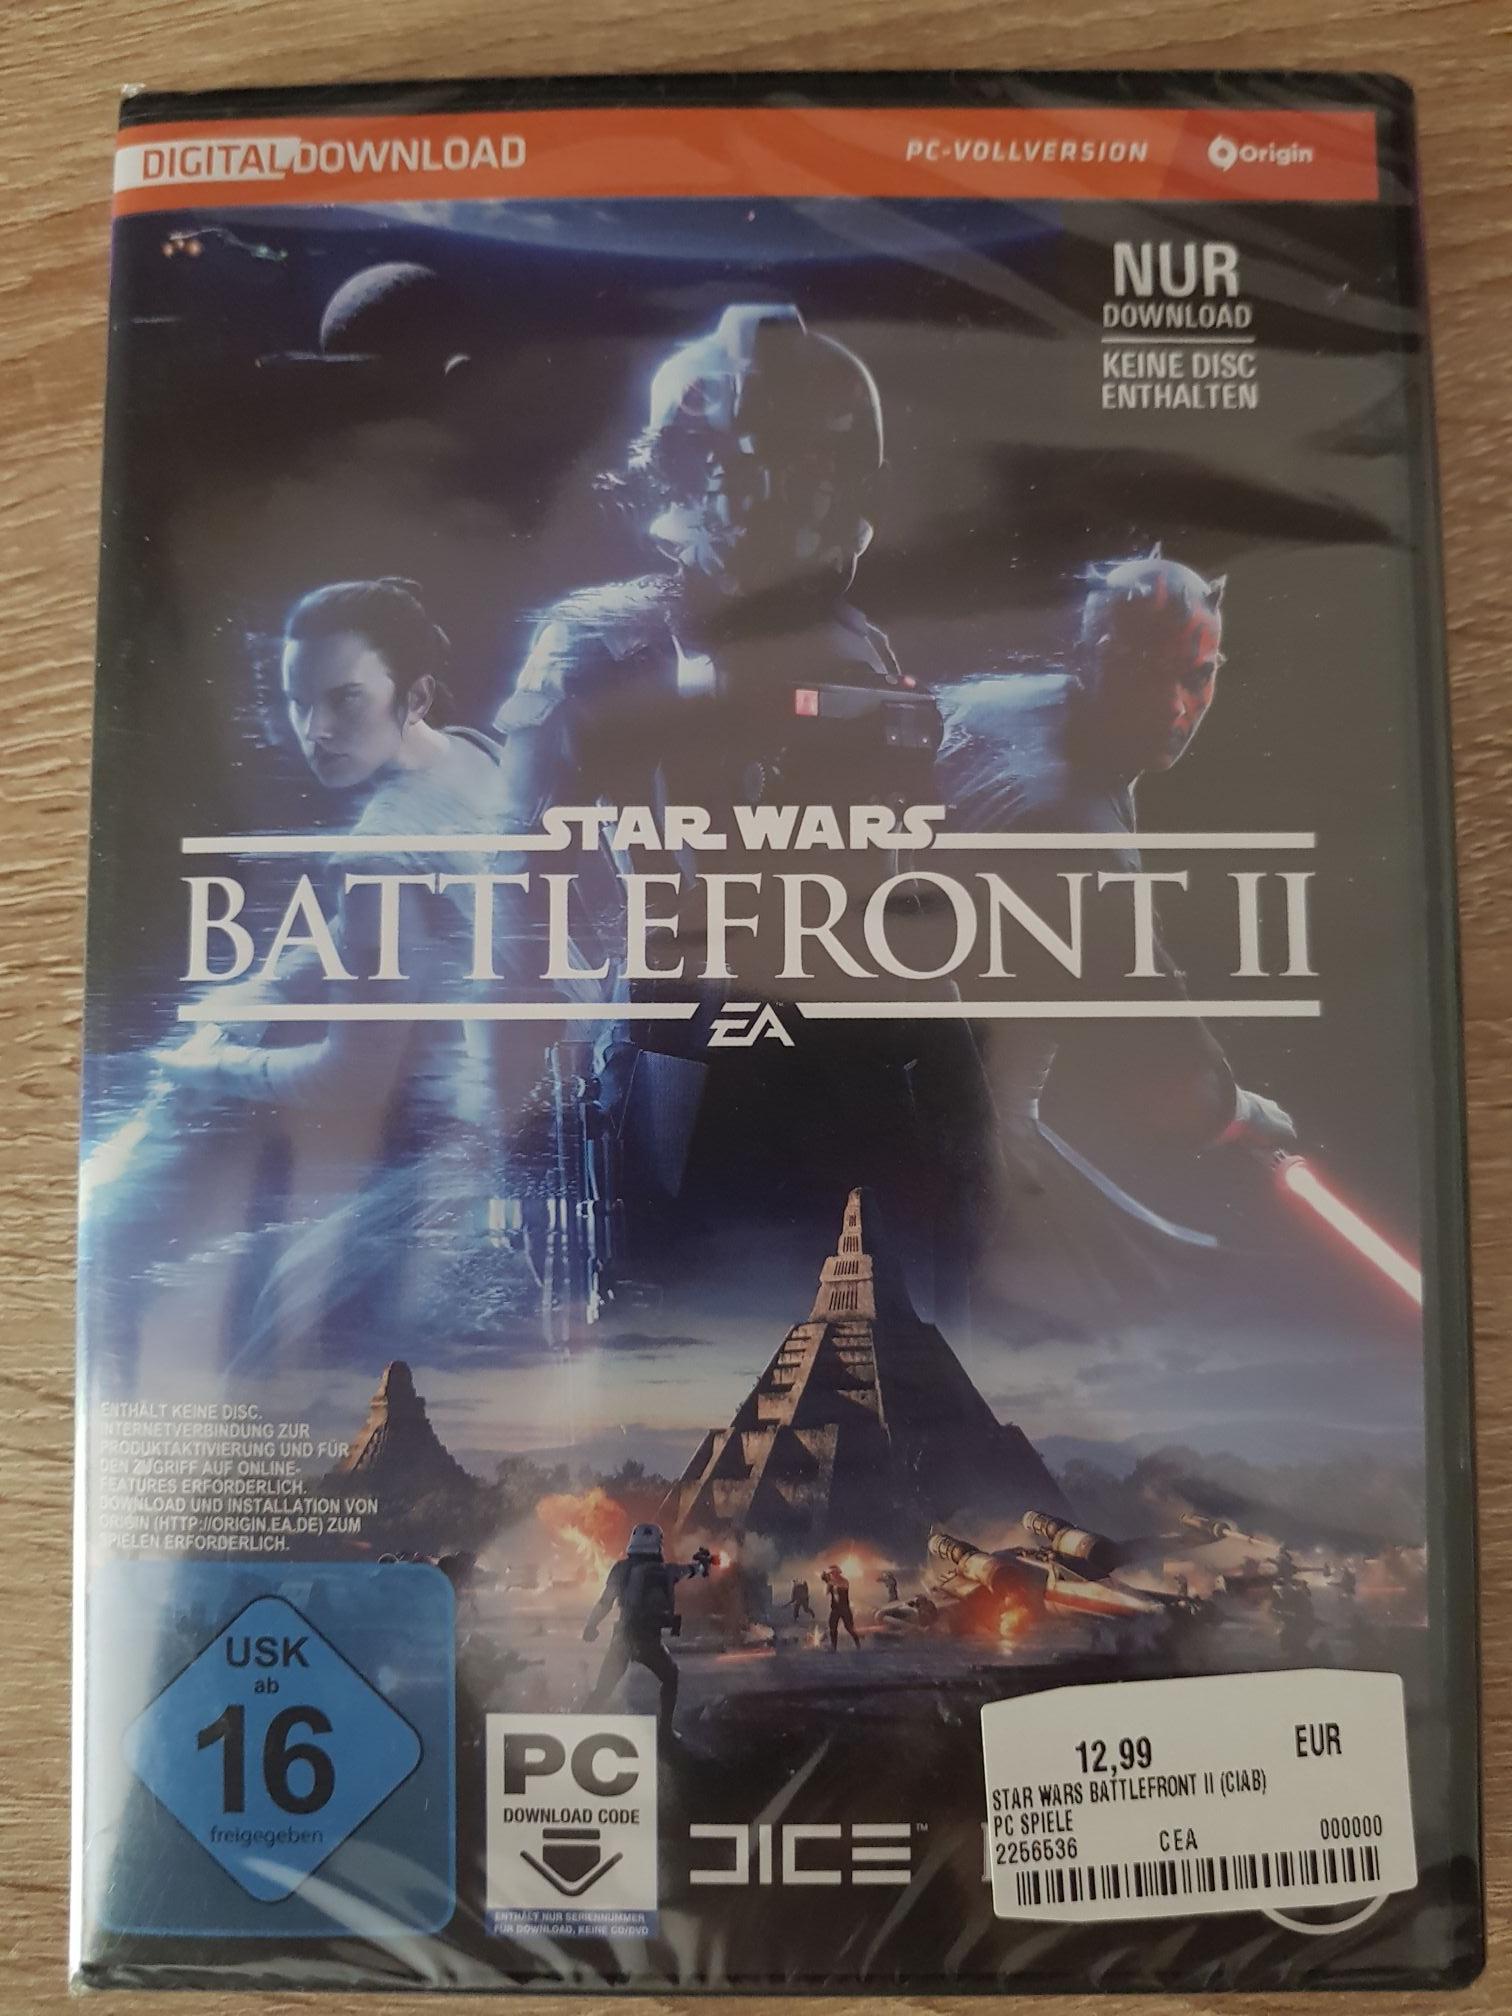 [LOKAL] Star Wars Battlefront 2 für 9,99 im Media Markt Viernheim